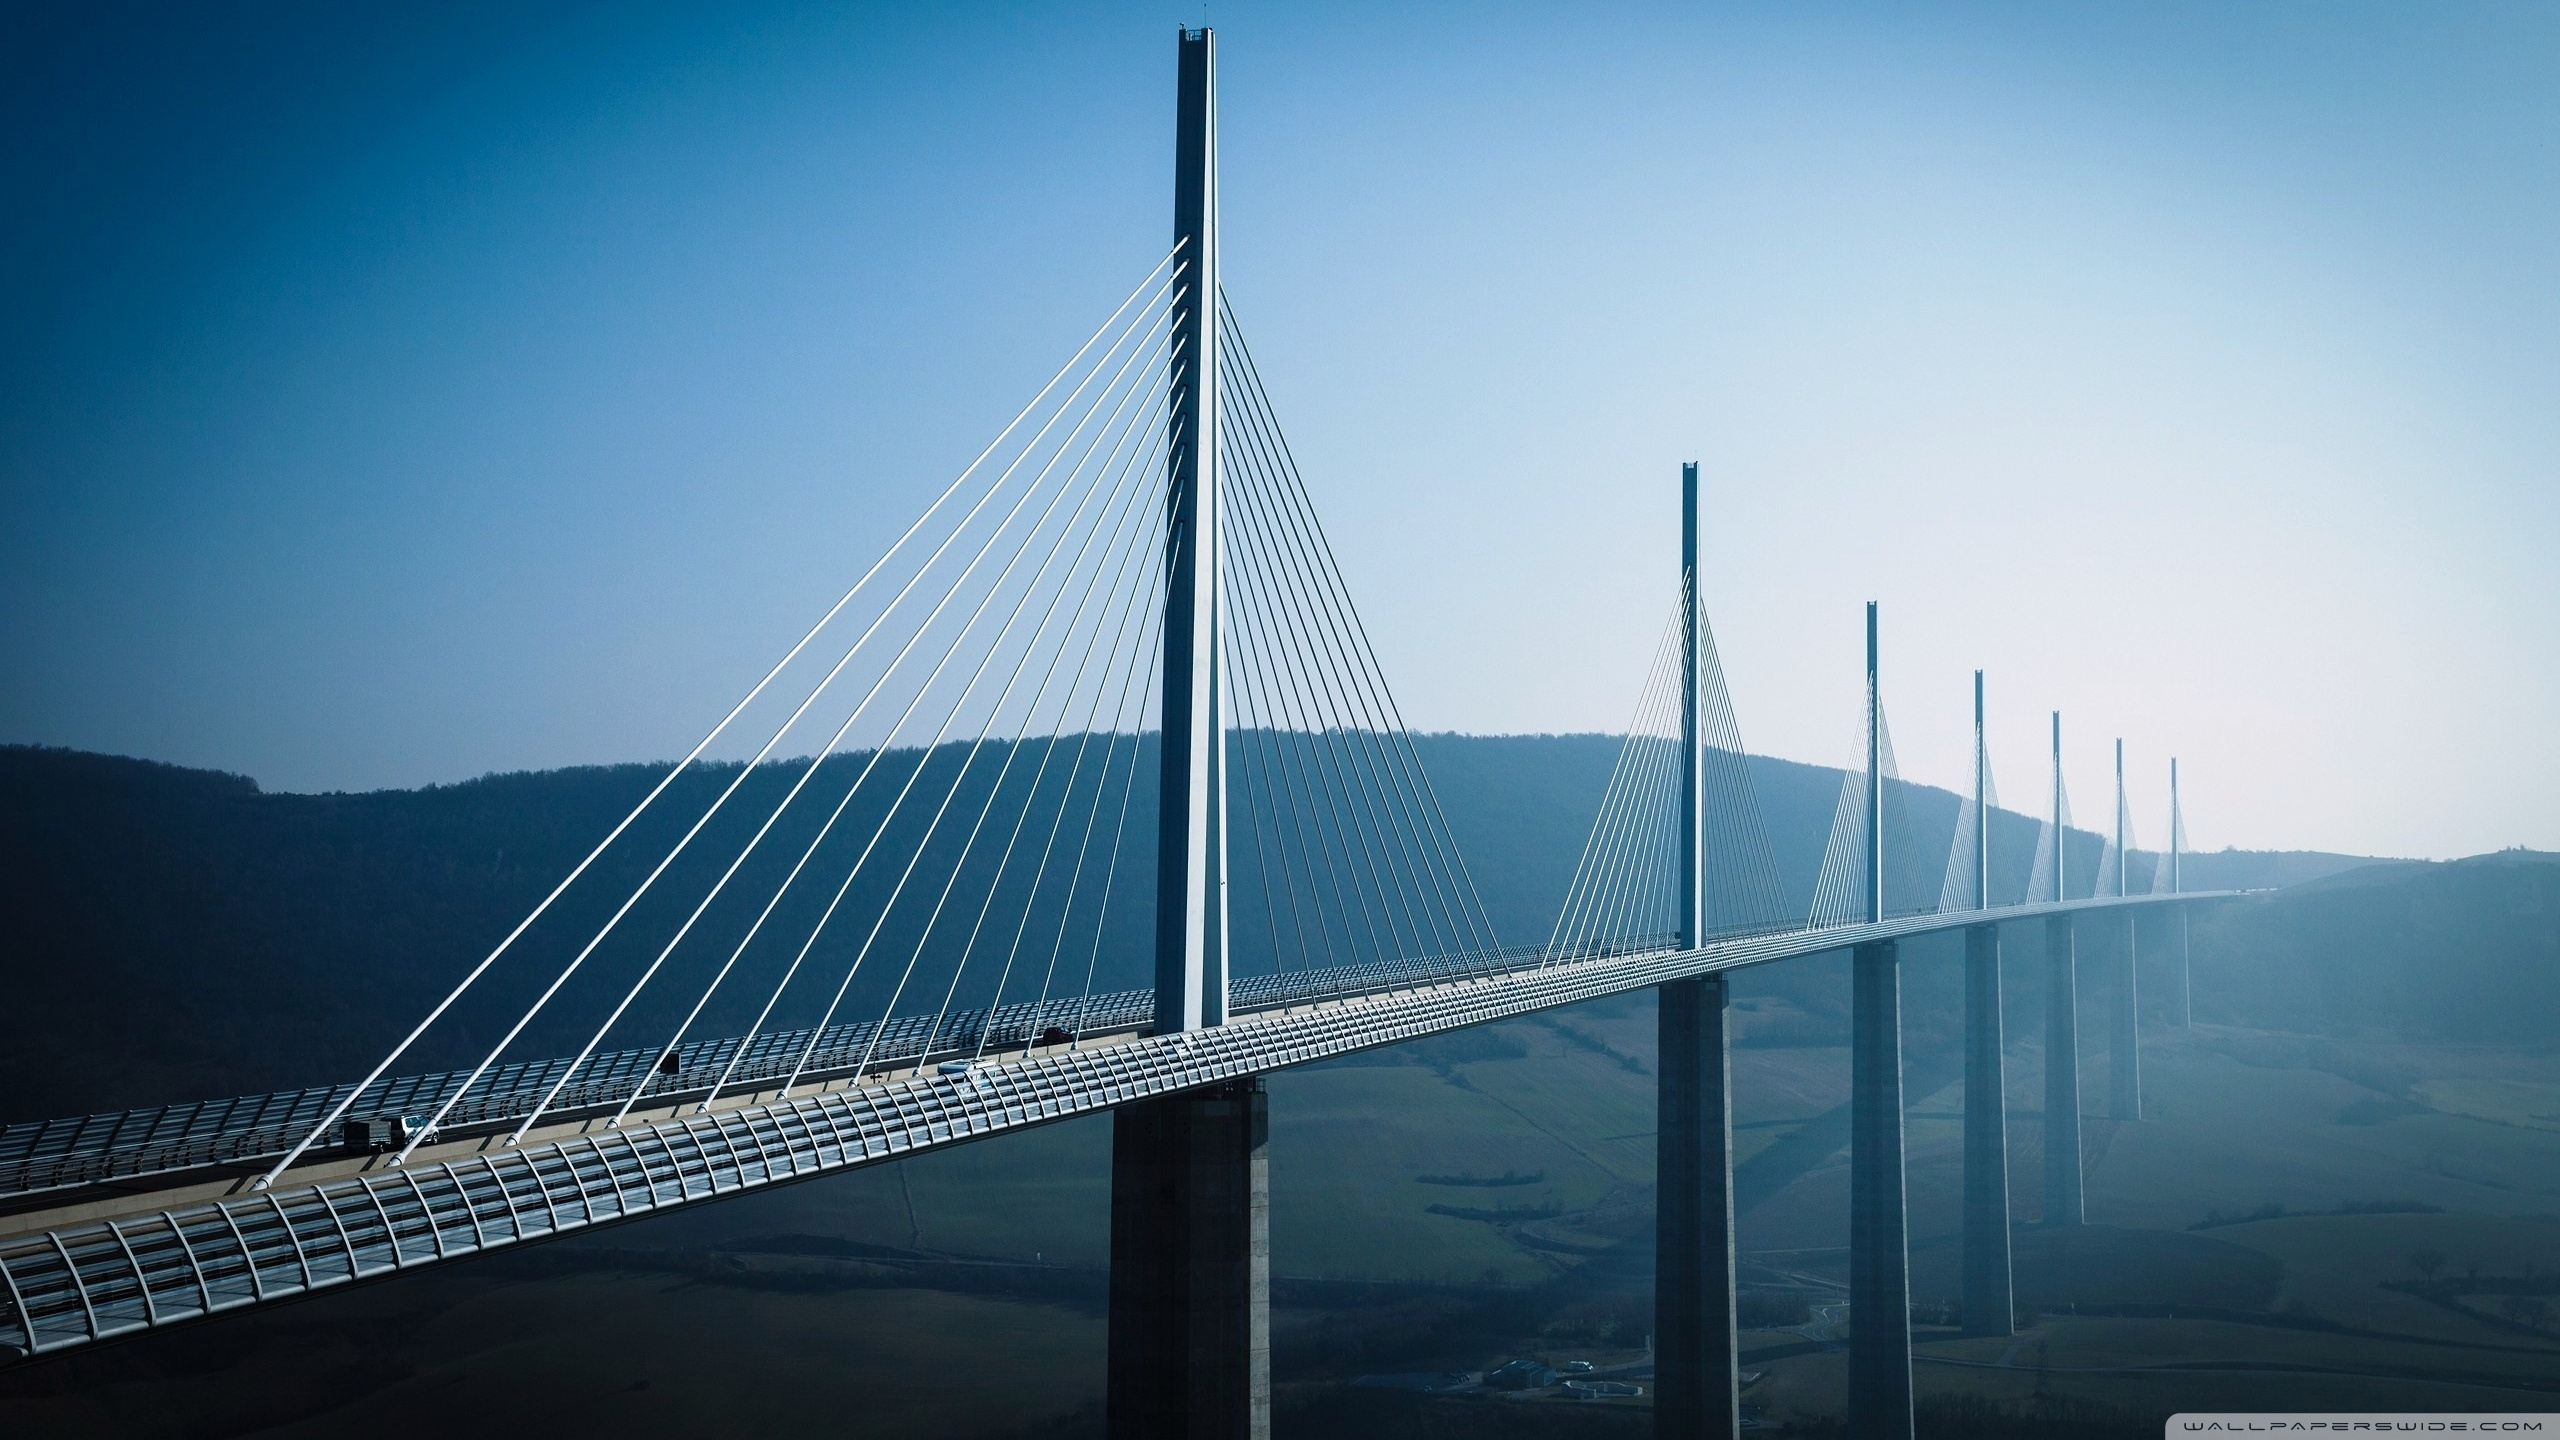 Civil Engineering s wallpaper 2560x1440 59525 2560x1440